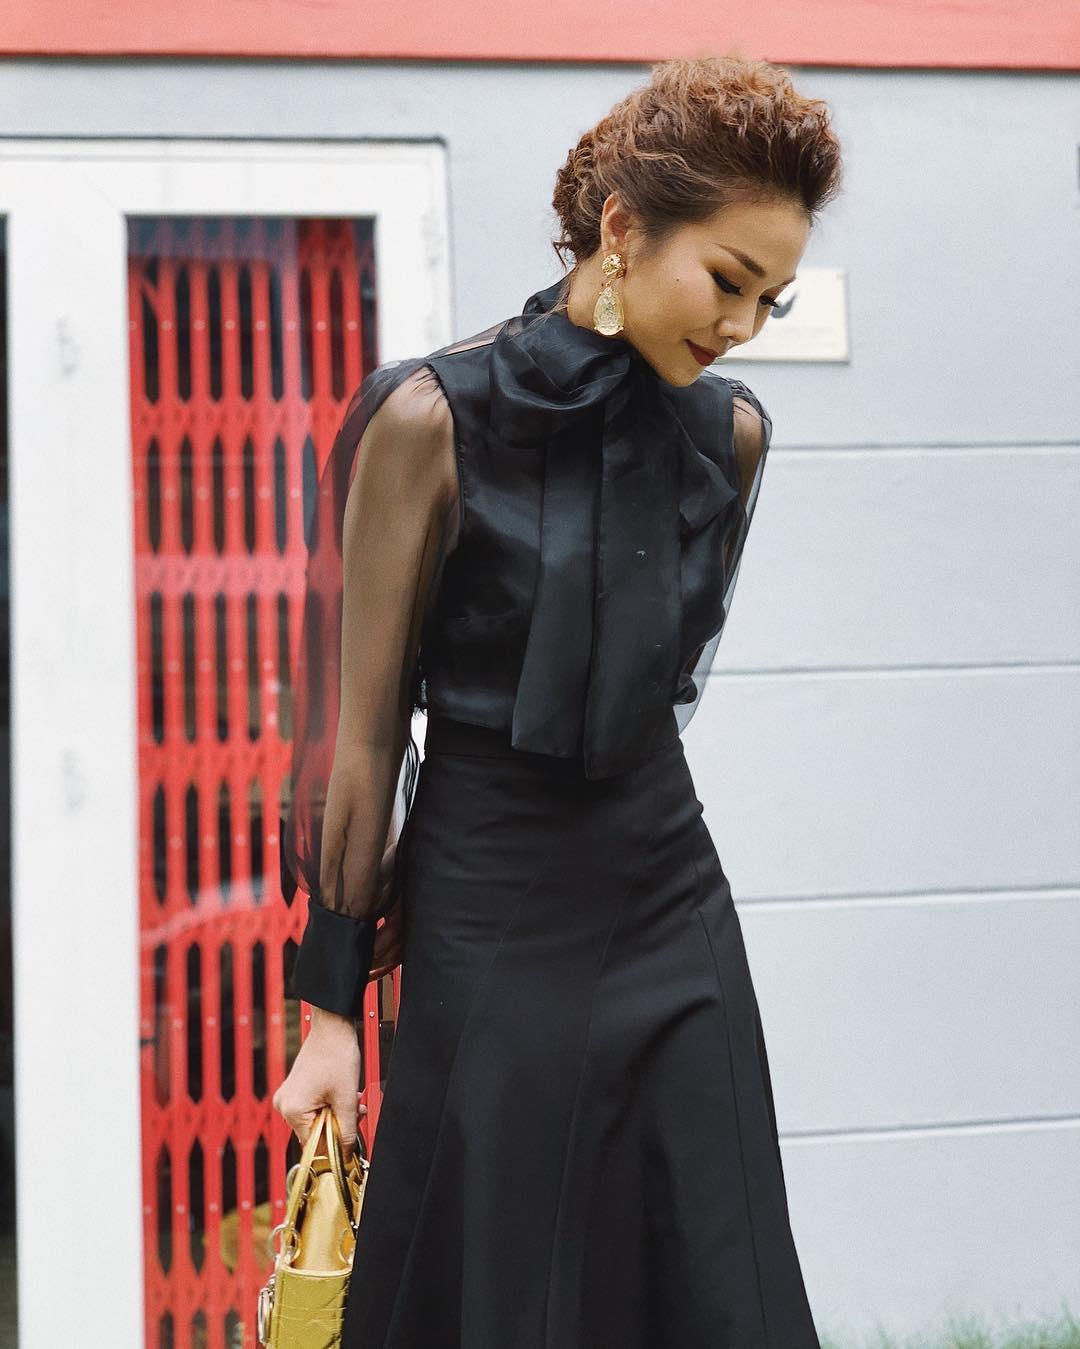 Thanh Hằng mặc áo voan xuyên thấu màu đen theo dress code formal